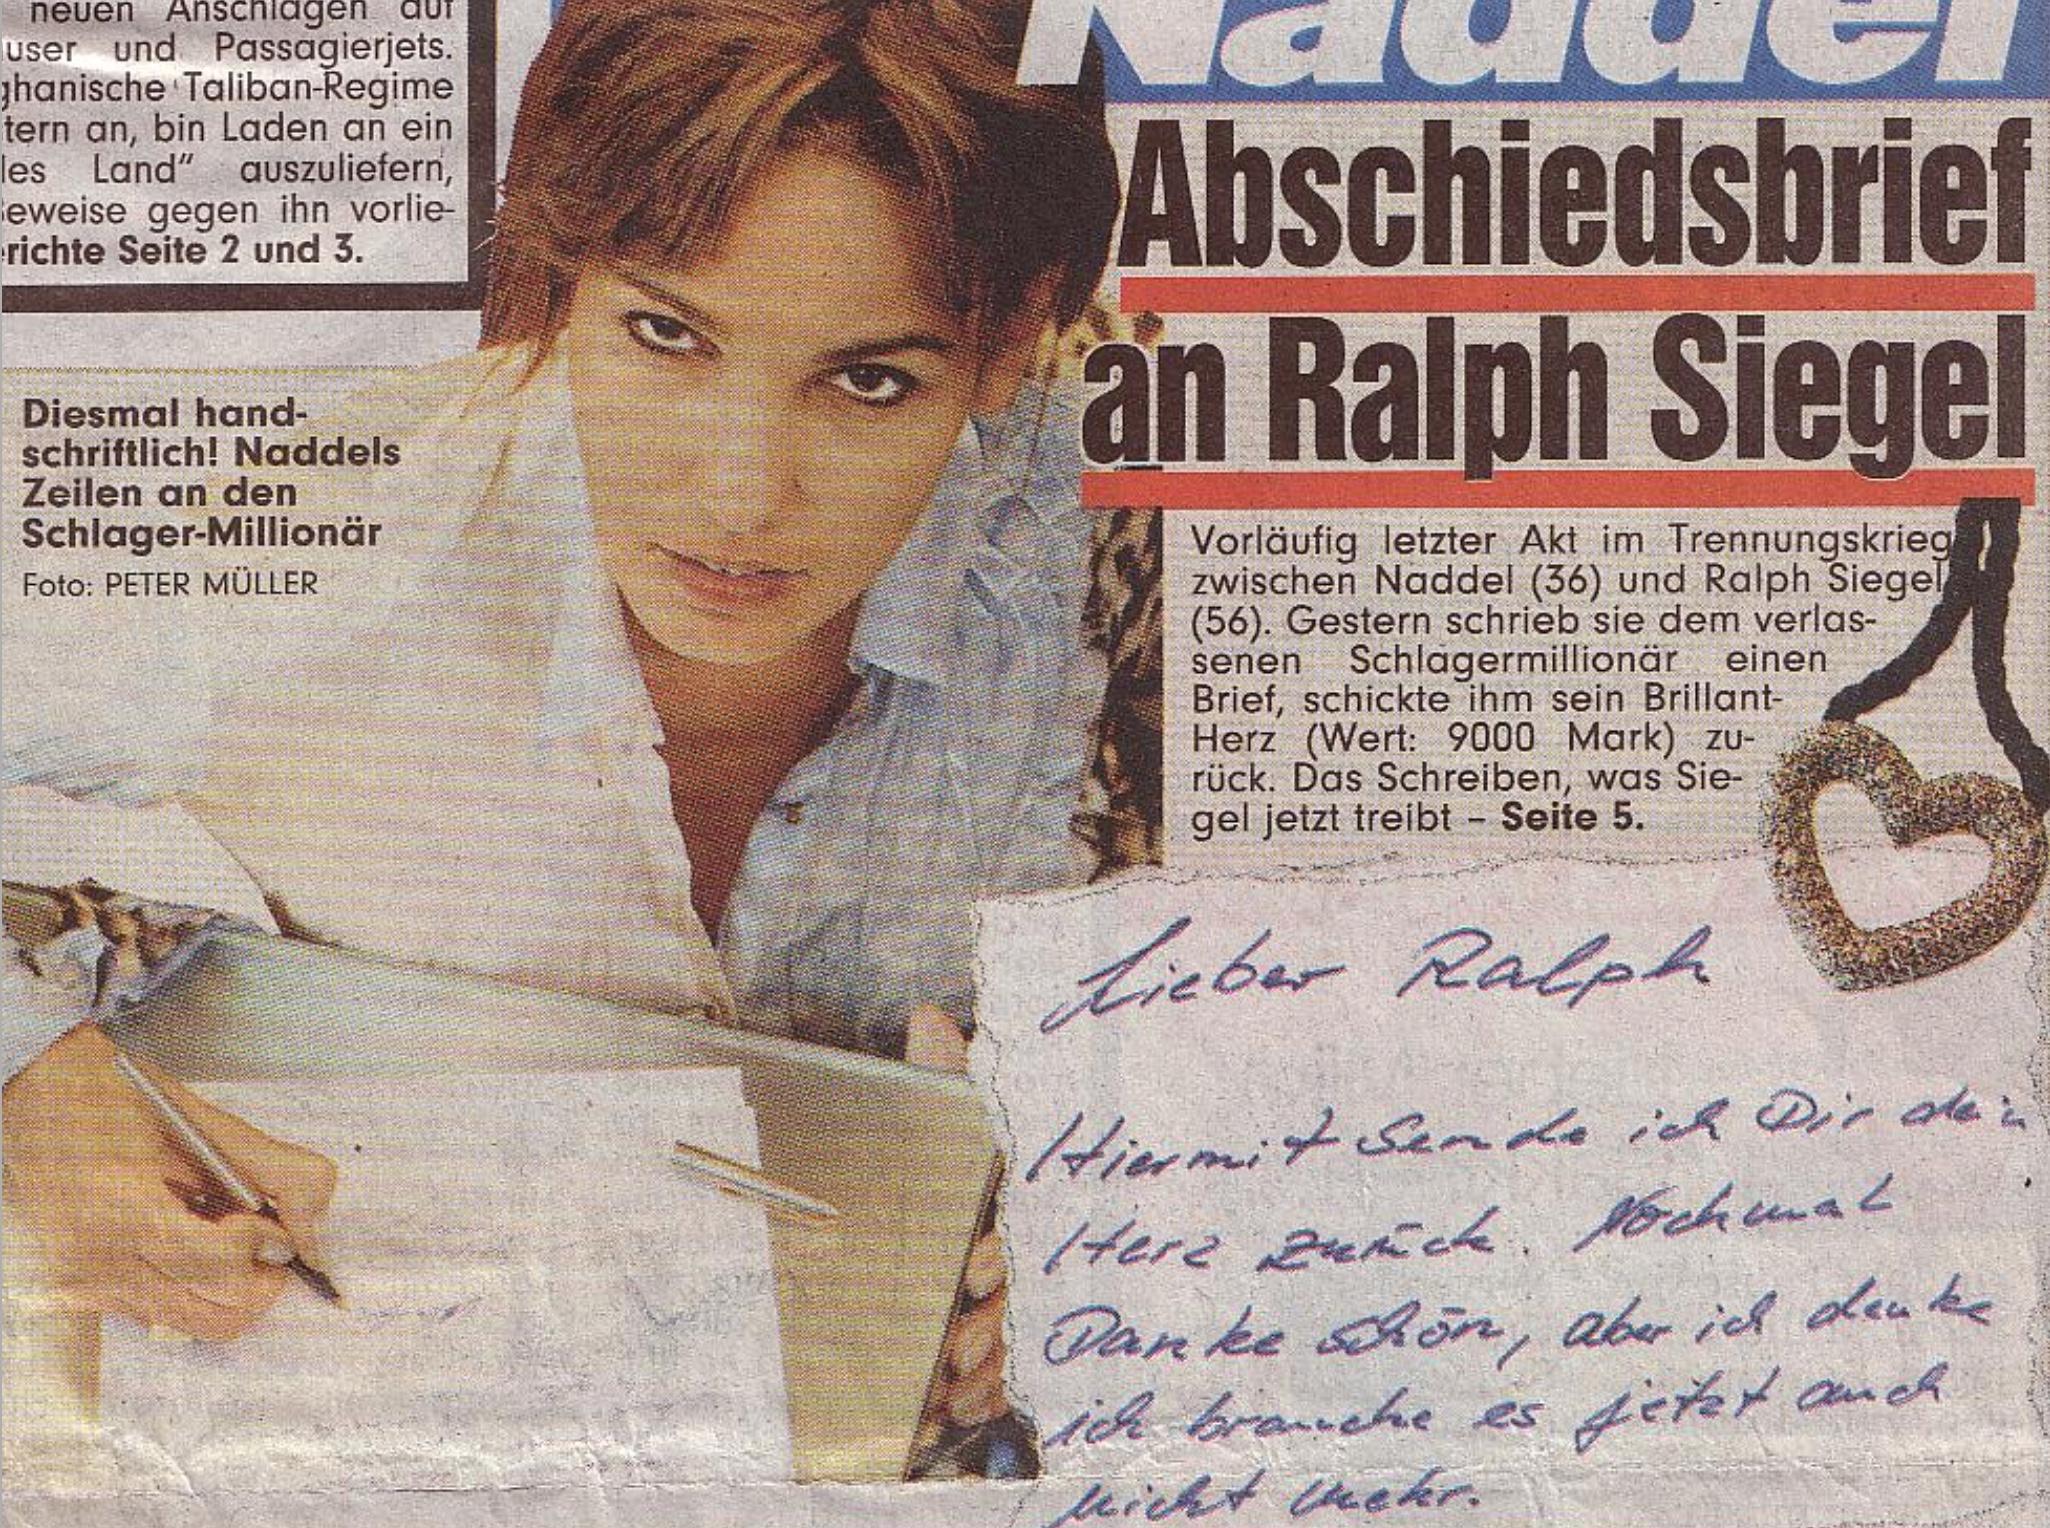 Ausschnitt aus der BILD vom 15. Oktober 2001